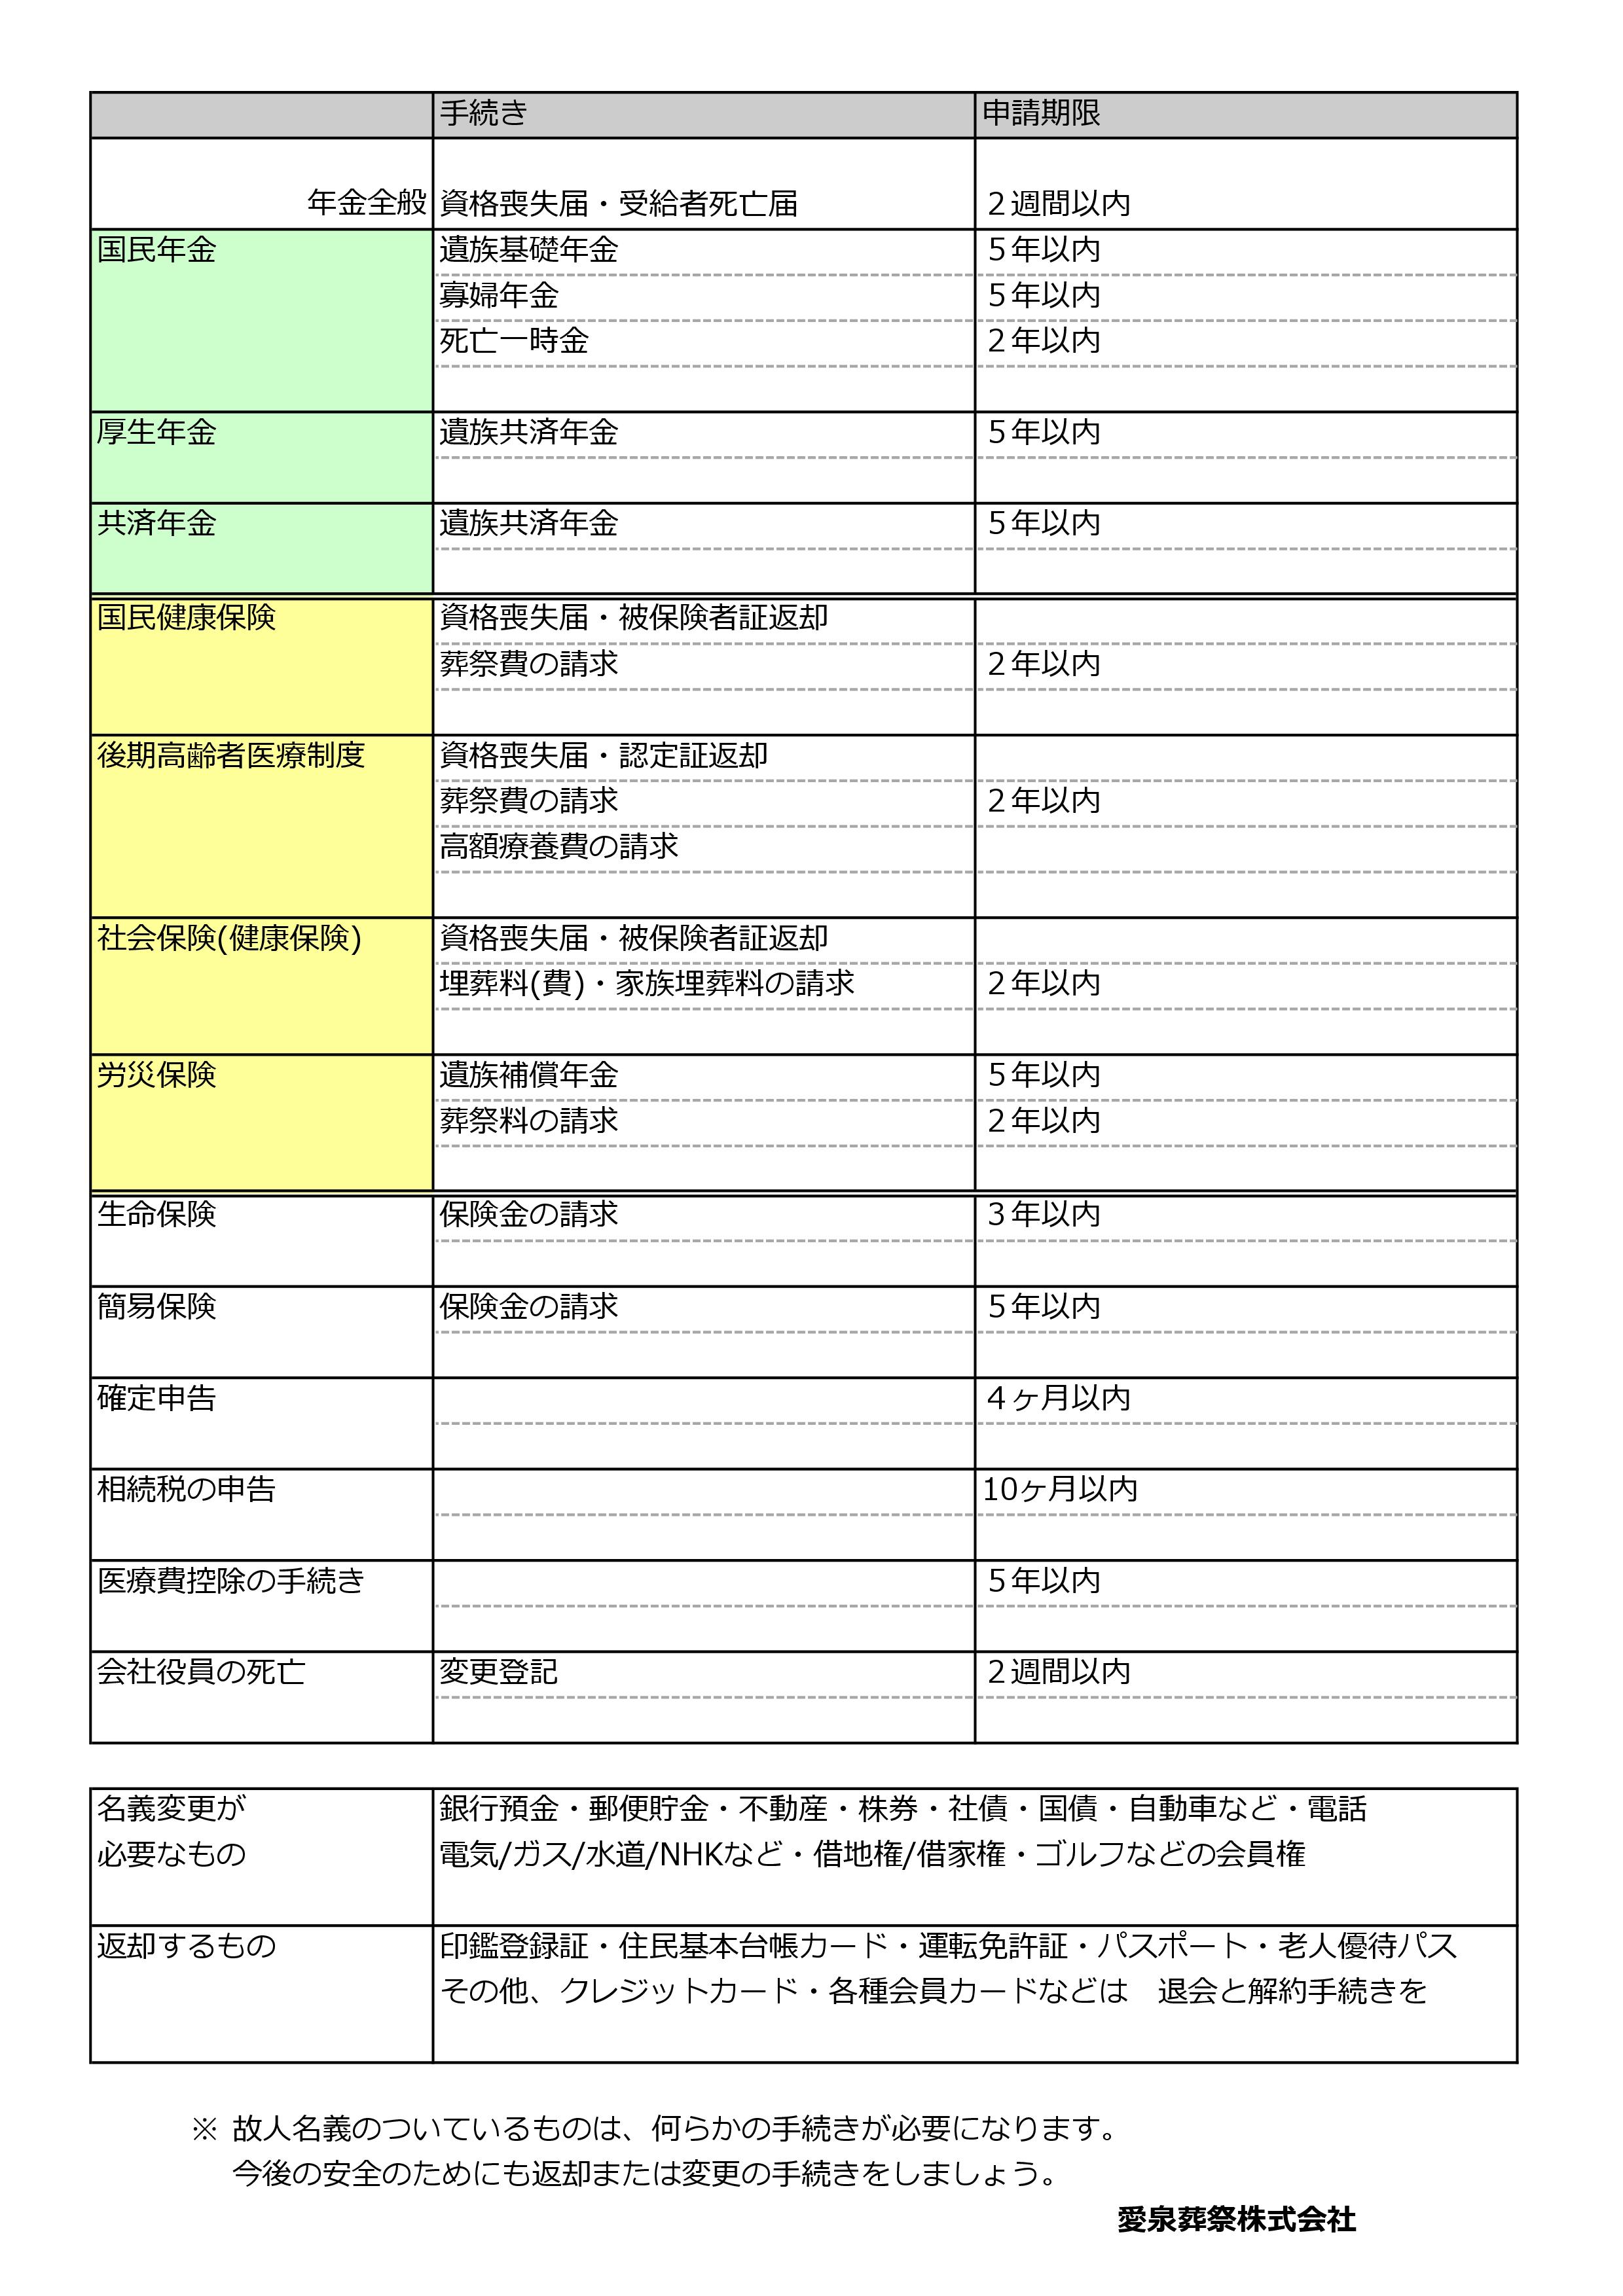 新規 Microsoft Excel ワークシート